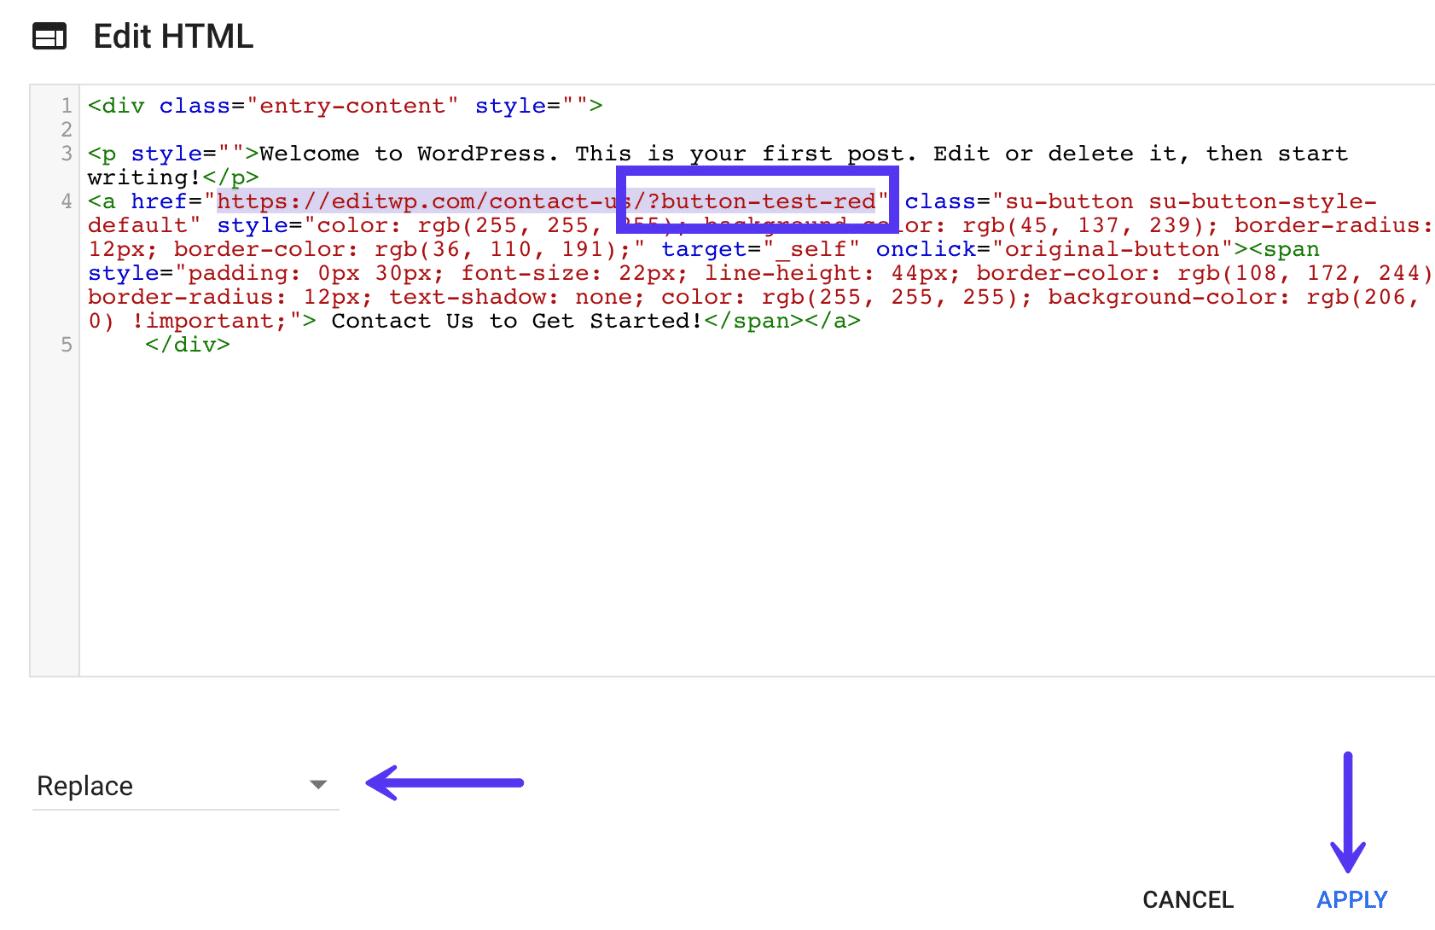 Cambiar la URL del botón